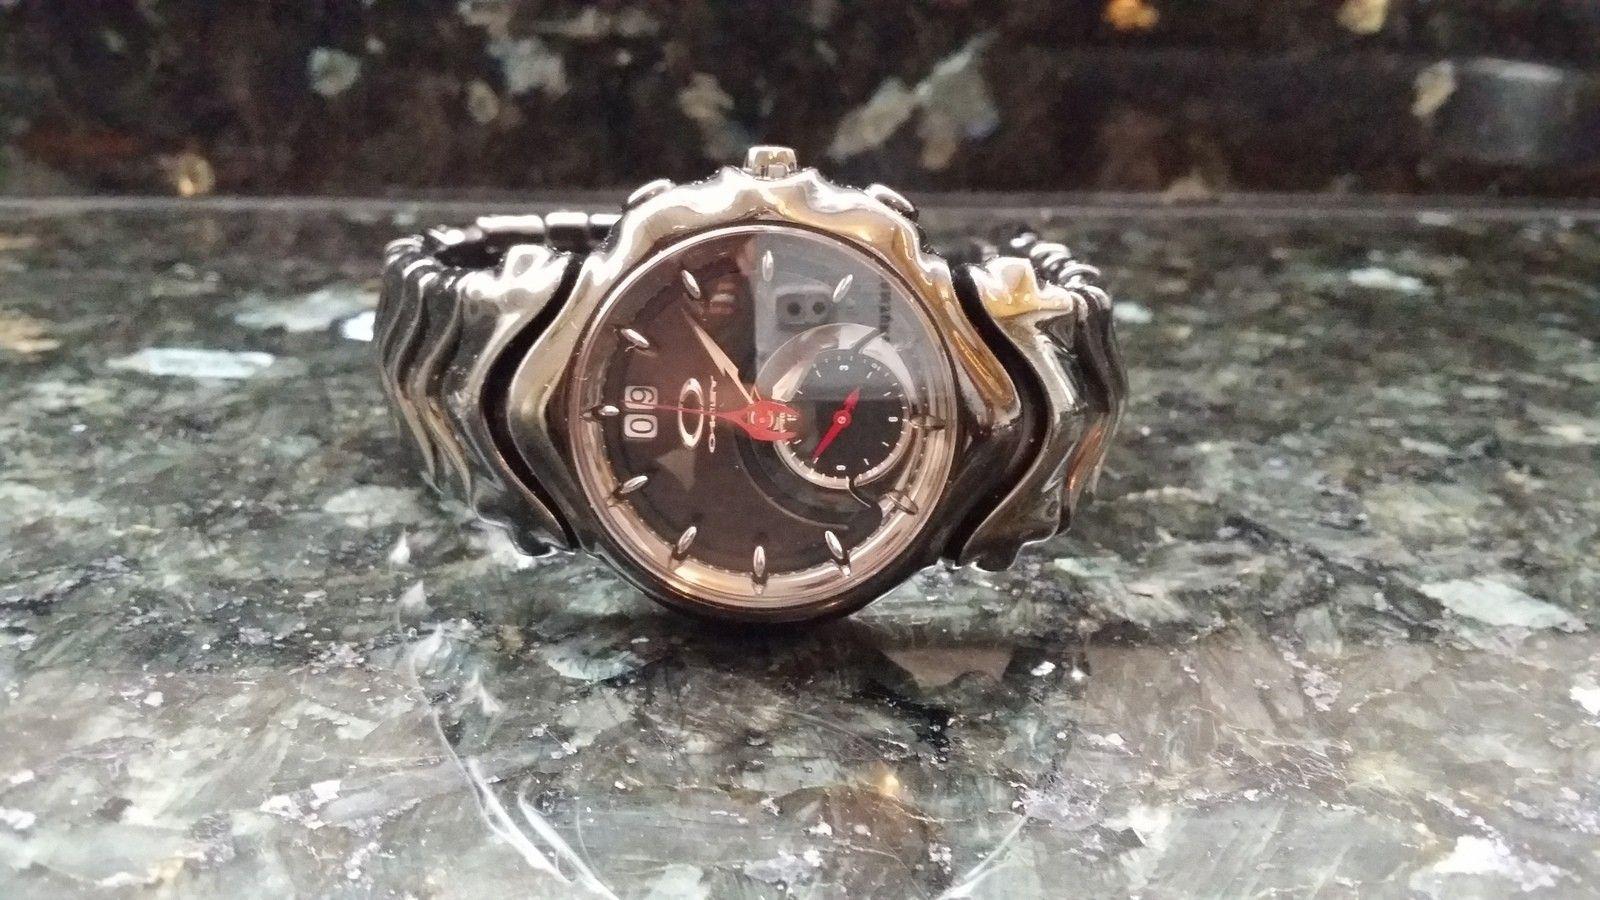 Gmt-judge watch strap links. - 20150510_161045.jpg